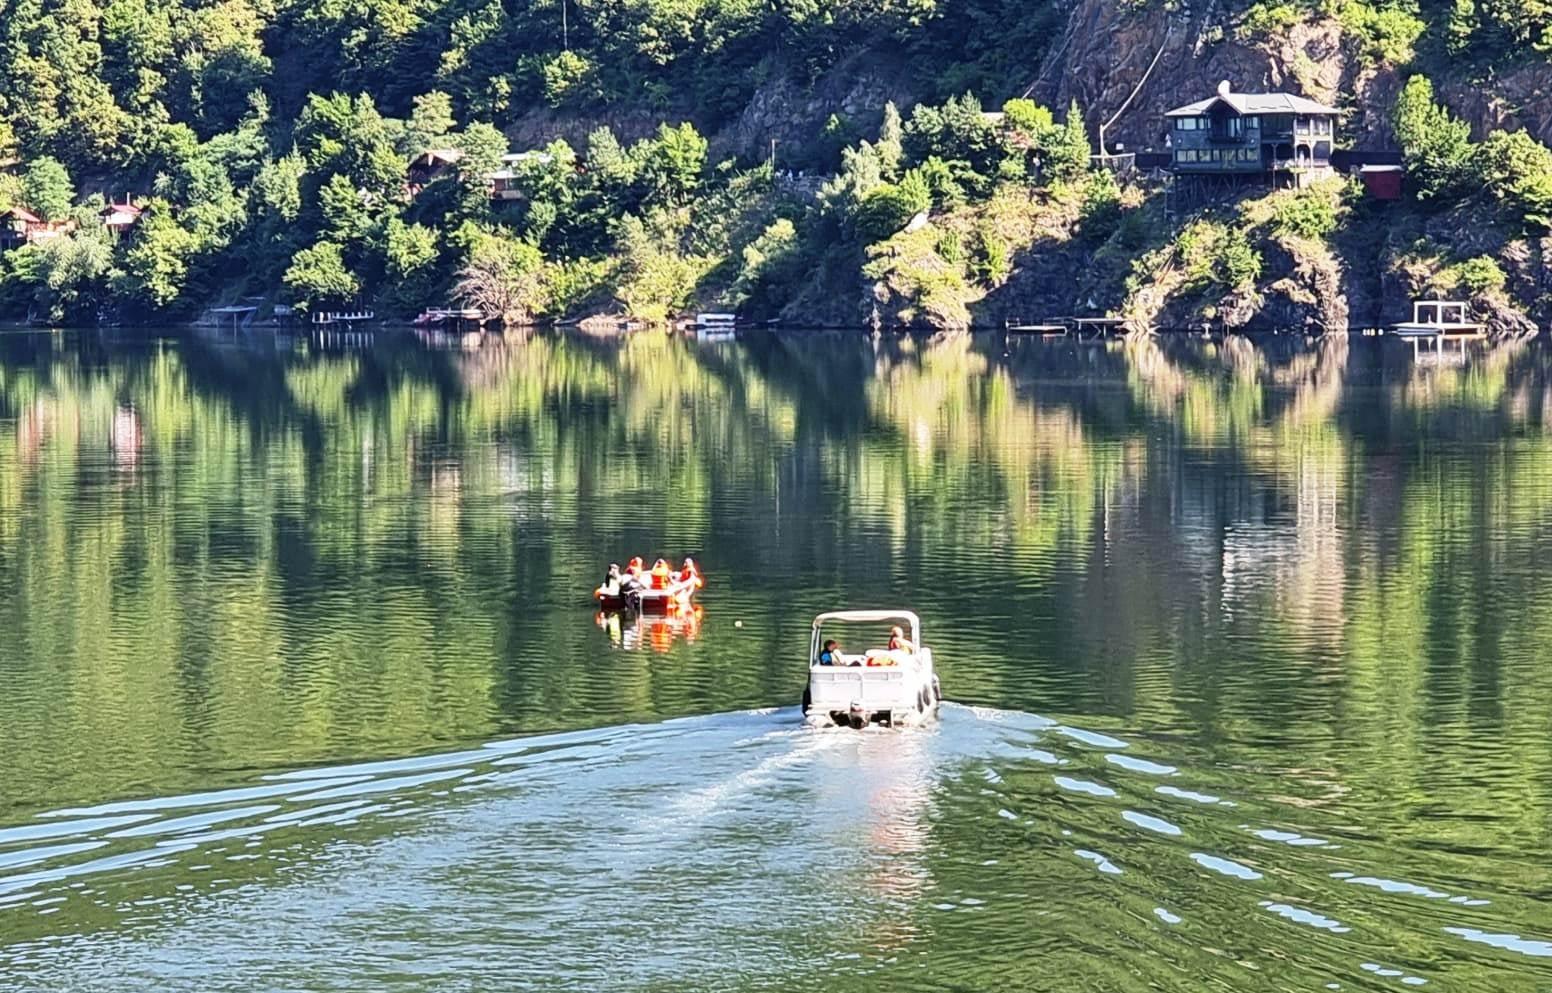 Sancțiuni aplicate de Consiliul Județean Cluj, în urma controalelor efectuate pe lacurile Tarnița și Fântânele